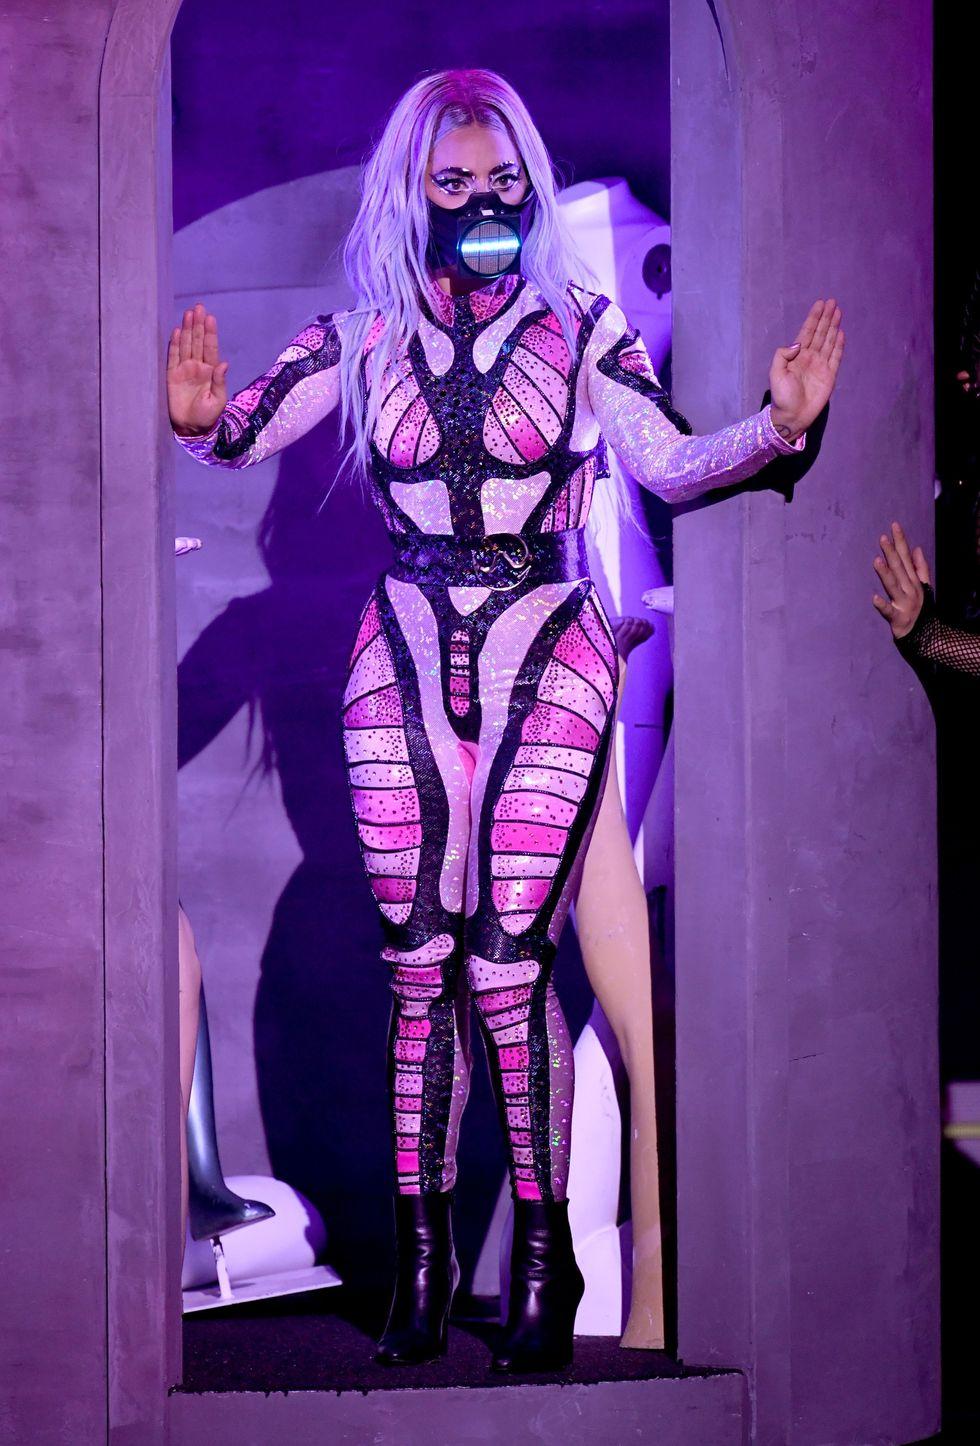 Ở tiết mục Stupid Love, Lady Gaga mặc bộ catsuit đến từ BCalla catsuit, đính kèm thắt lưng Edward Avedis belt, giày Saint Laurent.